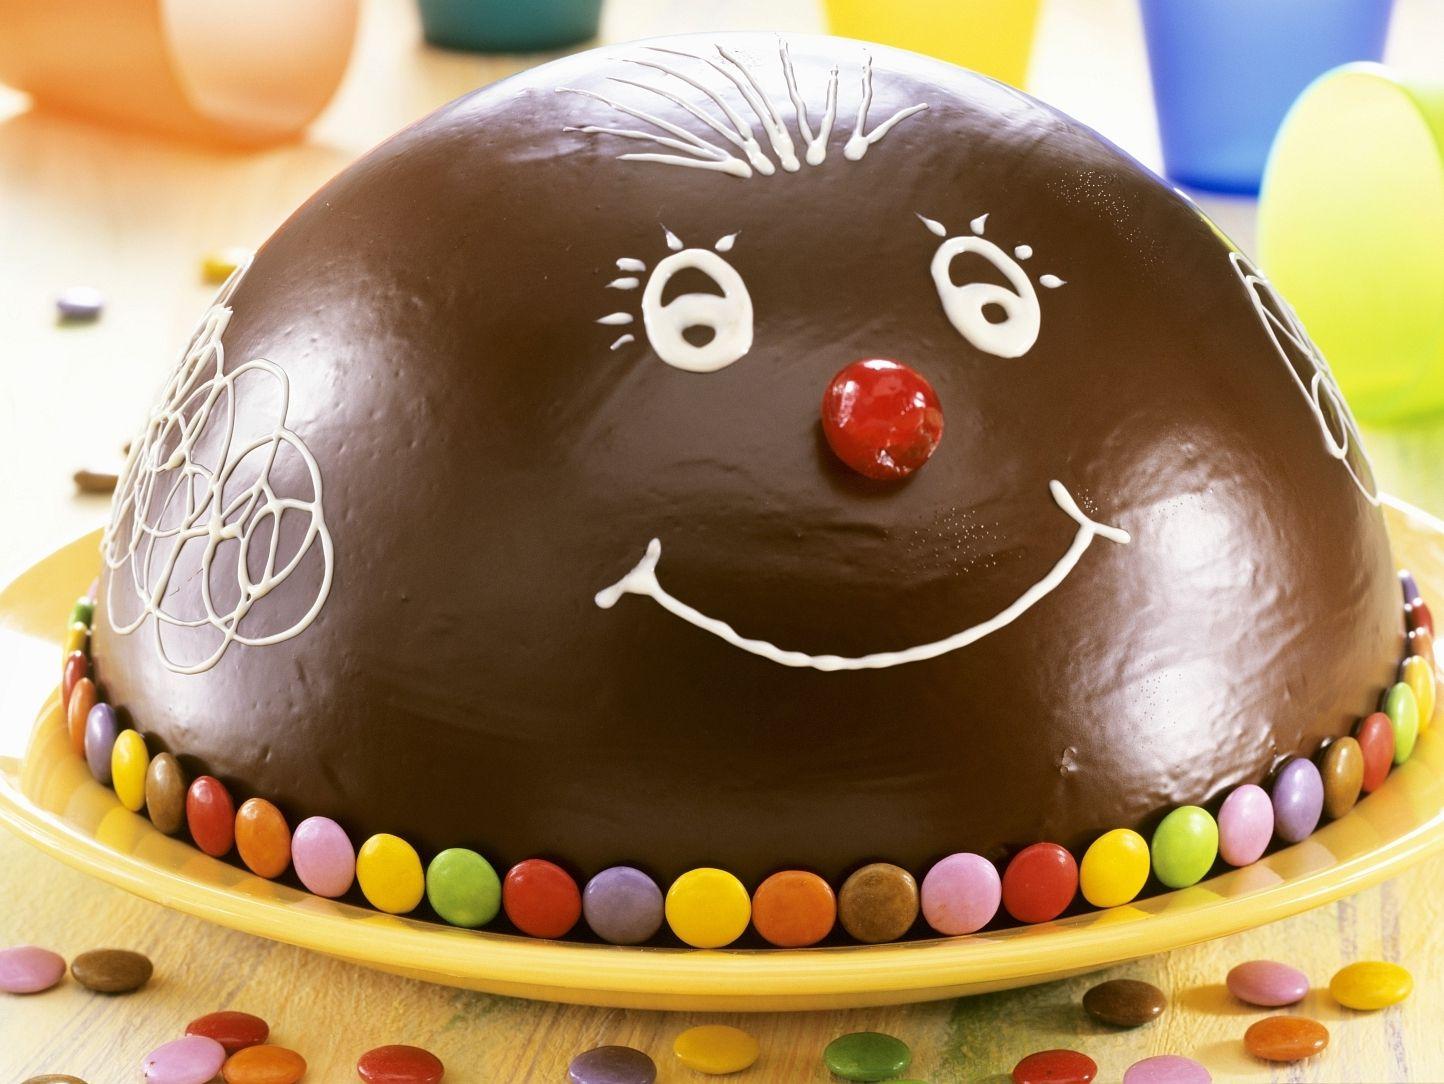 bcaae6c5e94312257a1b569395b5b299 - Kinder Kuchen Rezepte